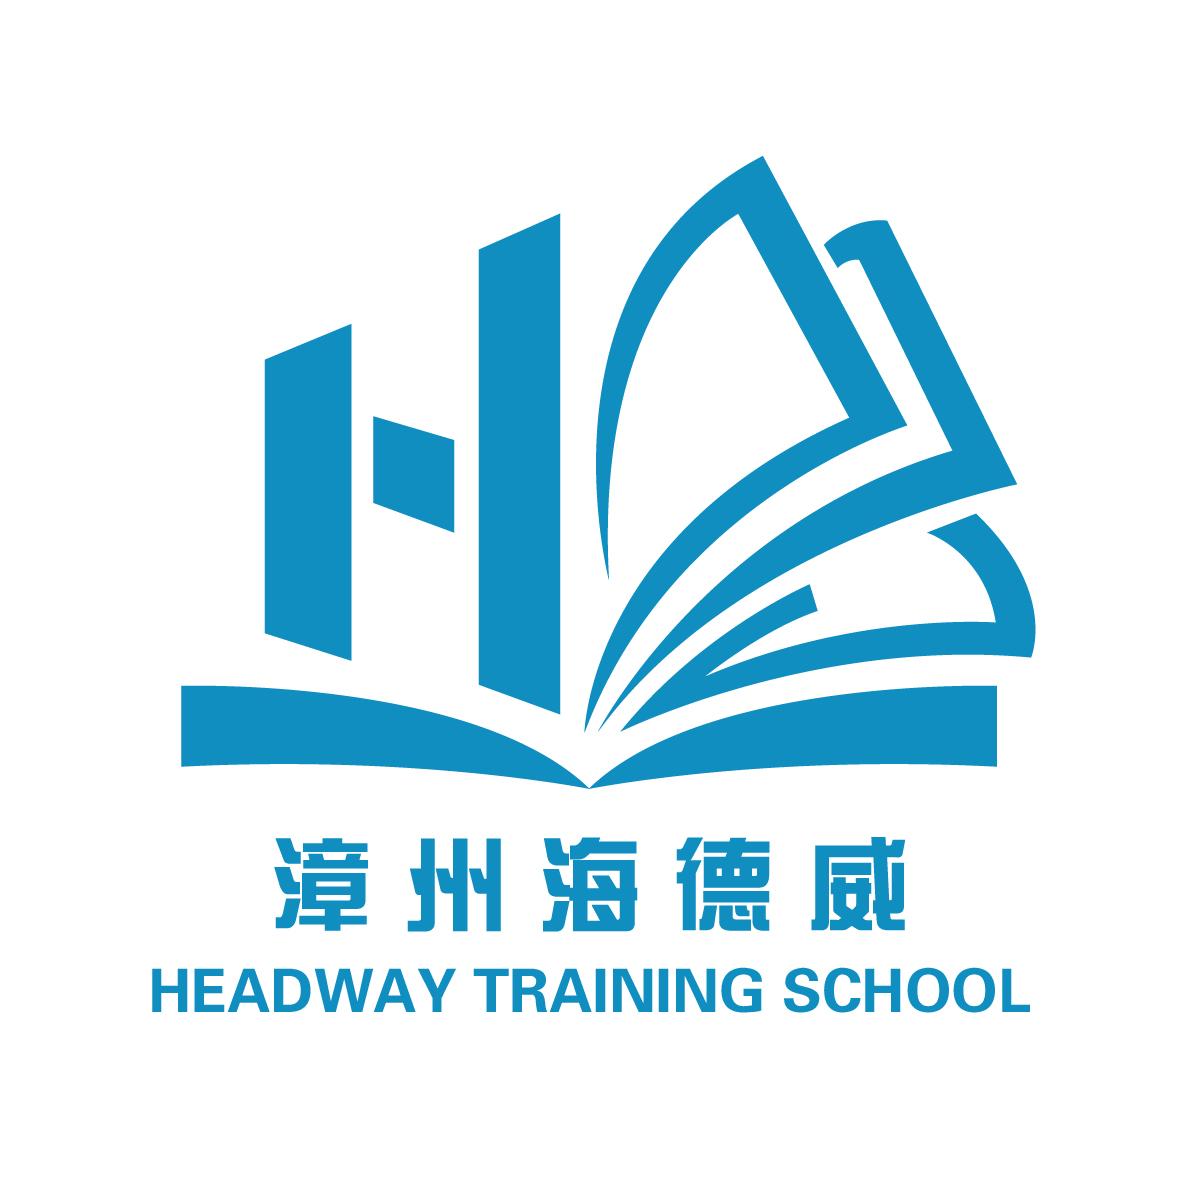 漳州市海德威职业培训学校